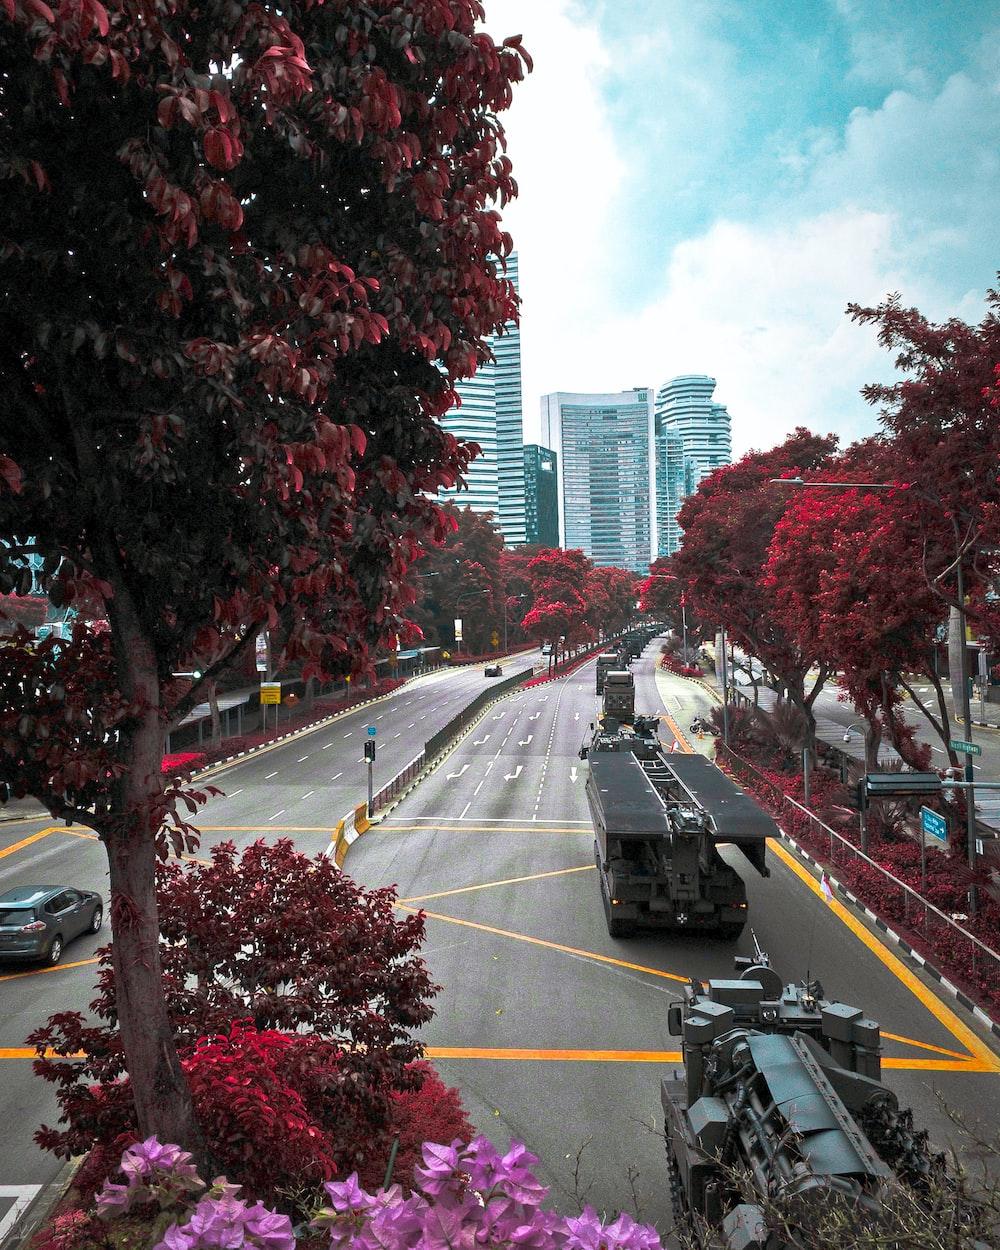 vehicles near trees